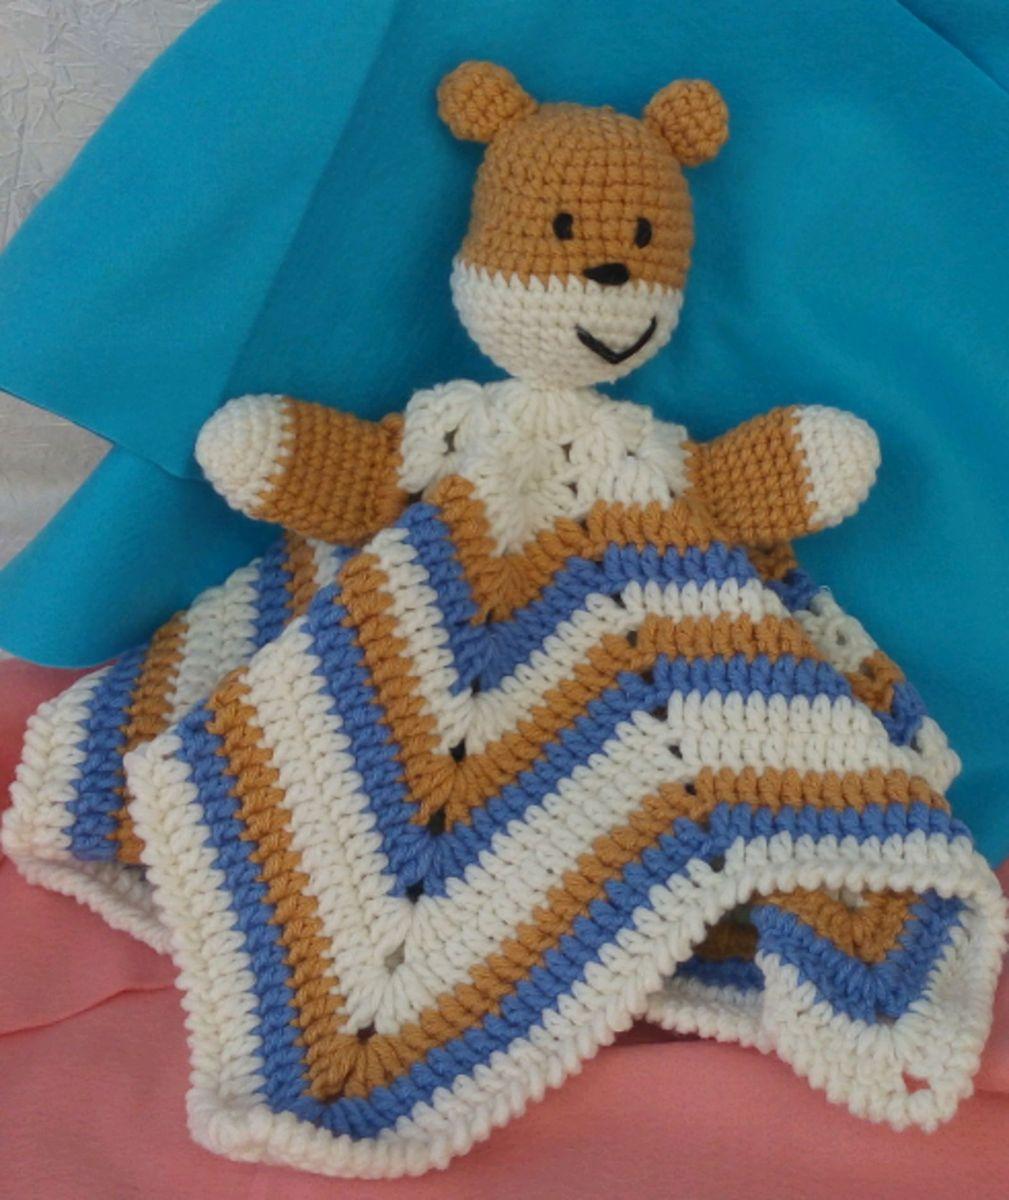 Amigurumi Urso Naninha De Apego Em Crochê - R$ 70,00 em Mercado Livre   1200x1009